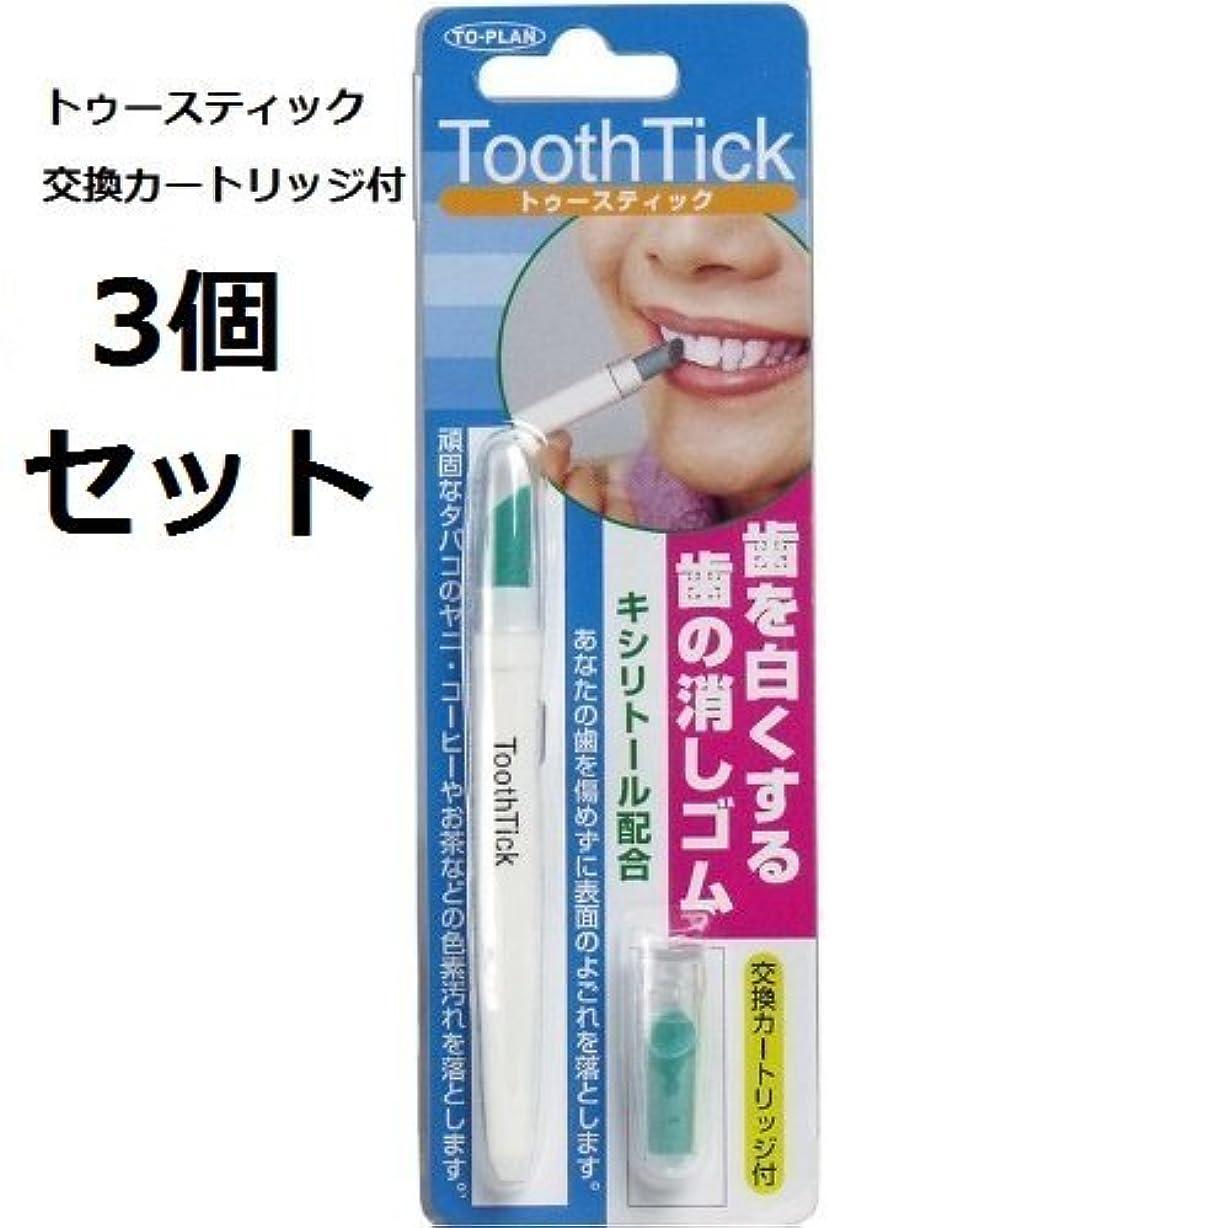 はっきりとバドミントンアジア歯を白くする歯の消しゴム トゥースティック 交換カートリッジ付 3個セット